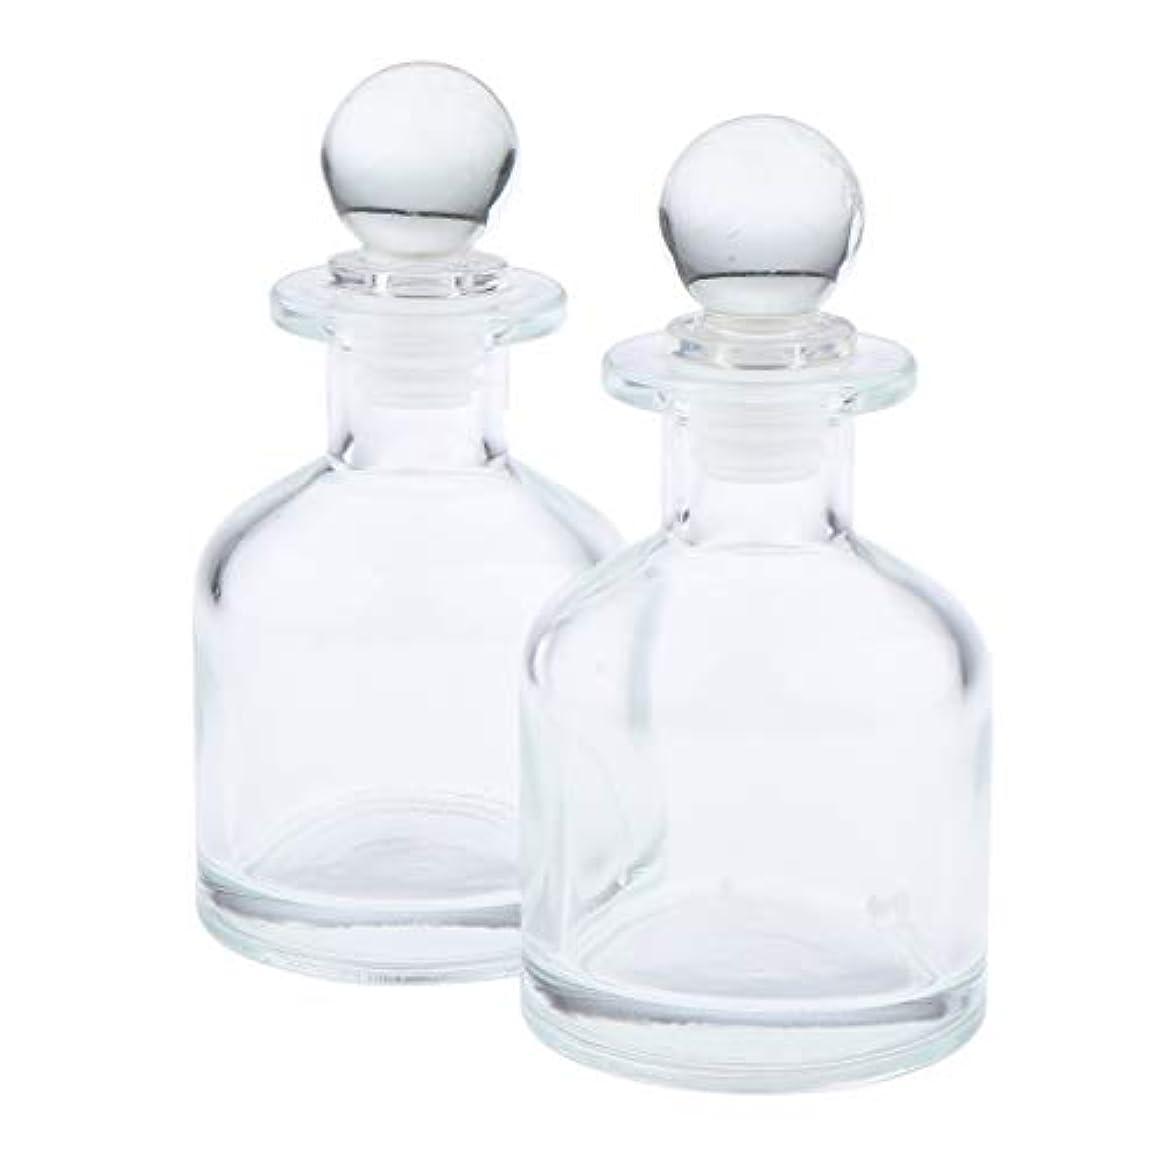 前書きローズ臨検Toygogo 香水ボトル ガラス エッセンシャルオイル ボトル 透明 丸い 香水瓶 2サイズ選べ - 130ミリリットル